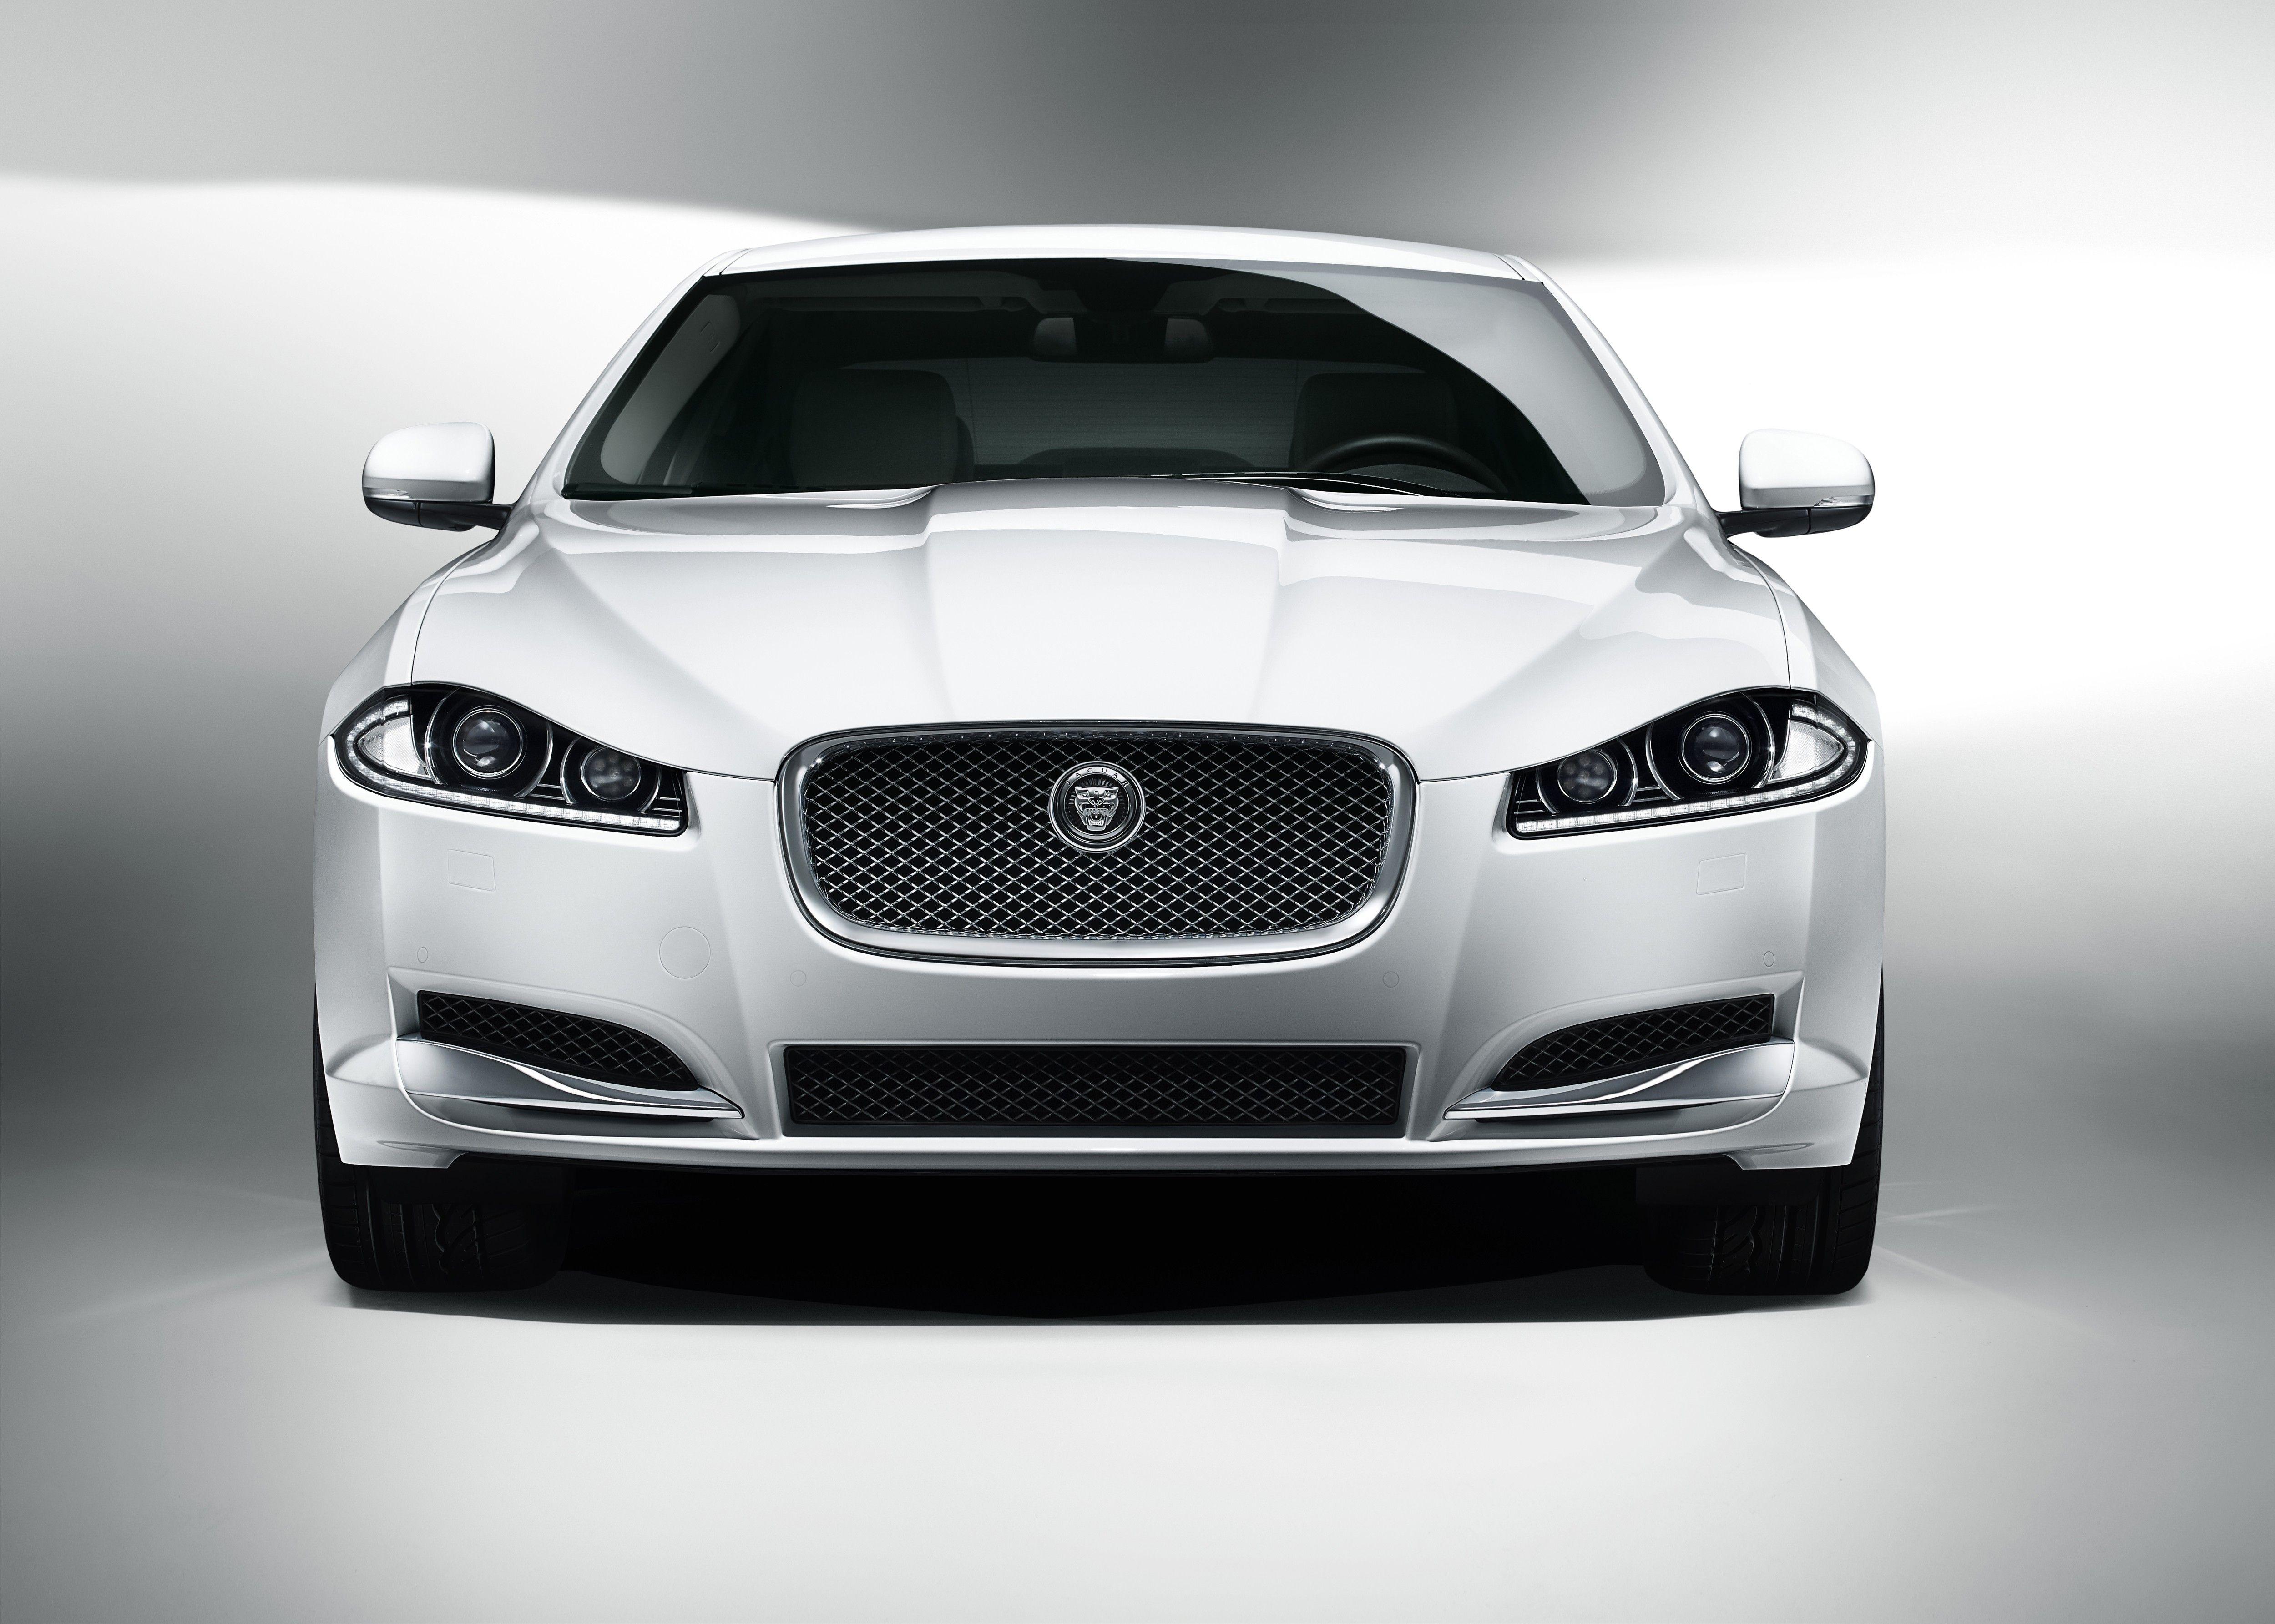 2015 Jaguar Xf Front View